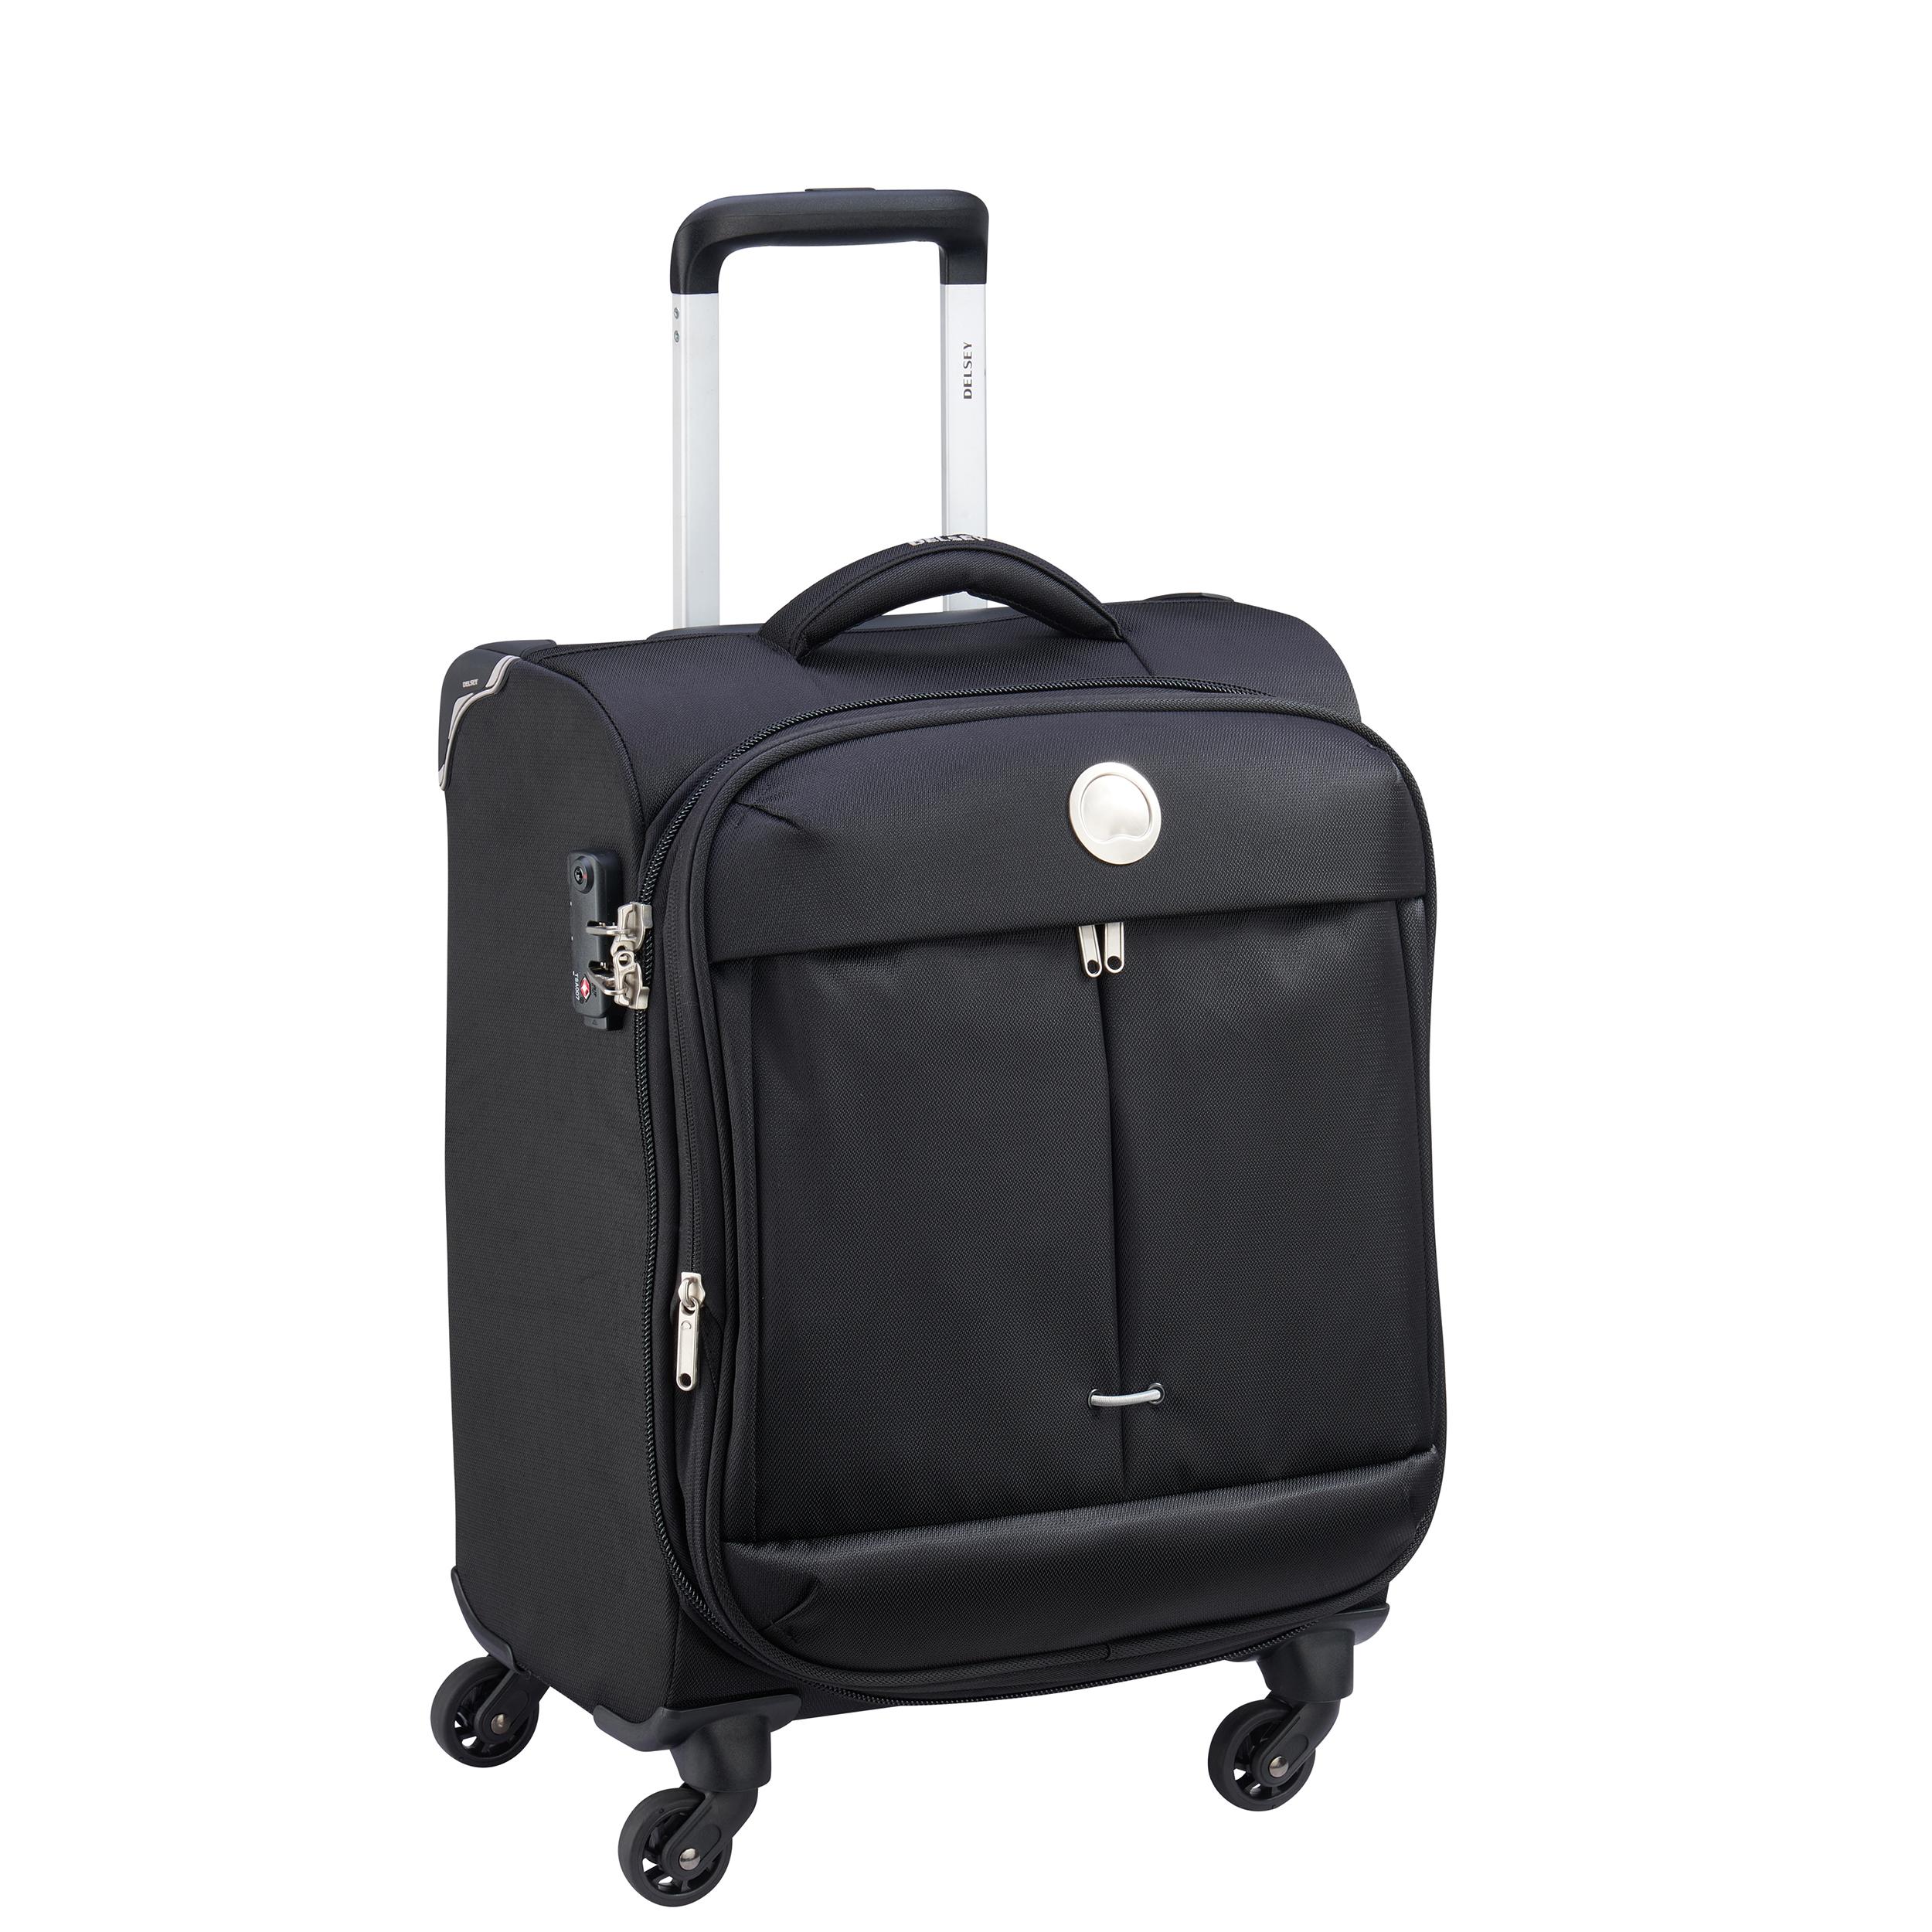 چمدان دلسی مدل FLIGHT LITE کد 233801 سایز کوچک